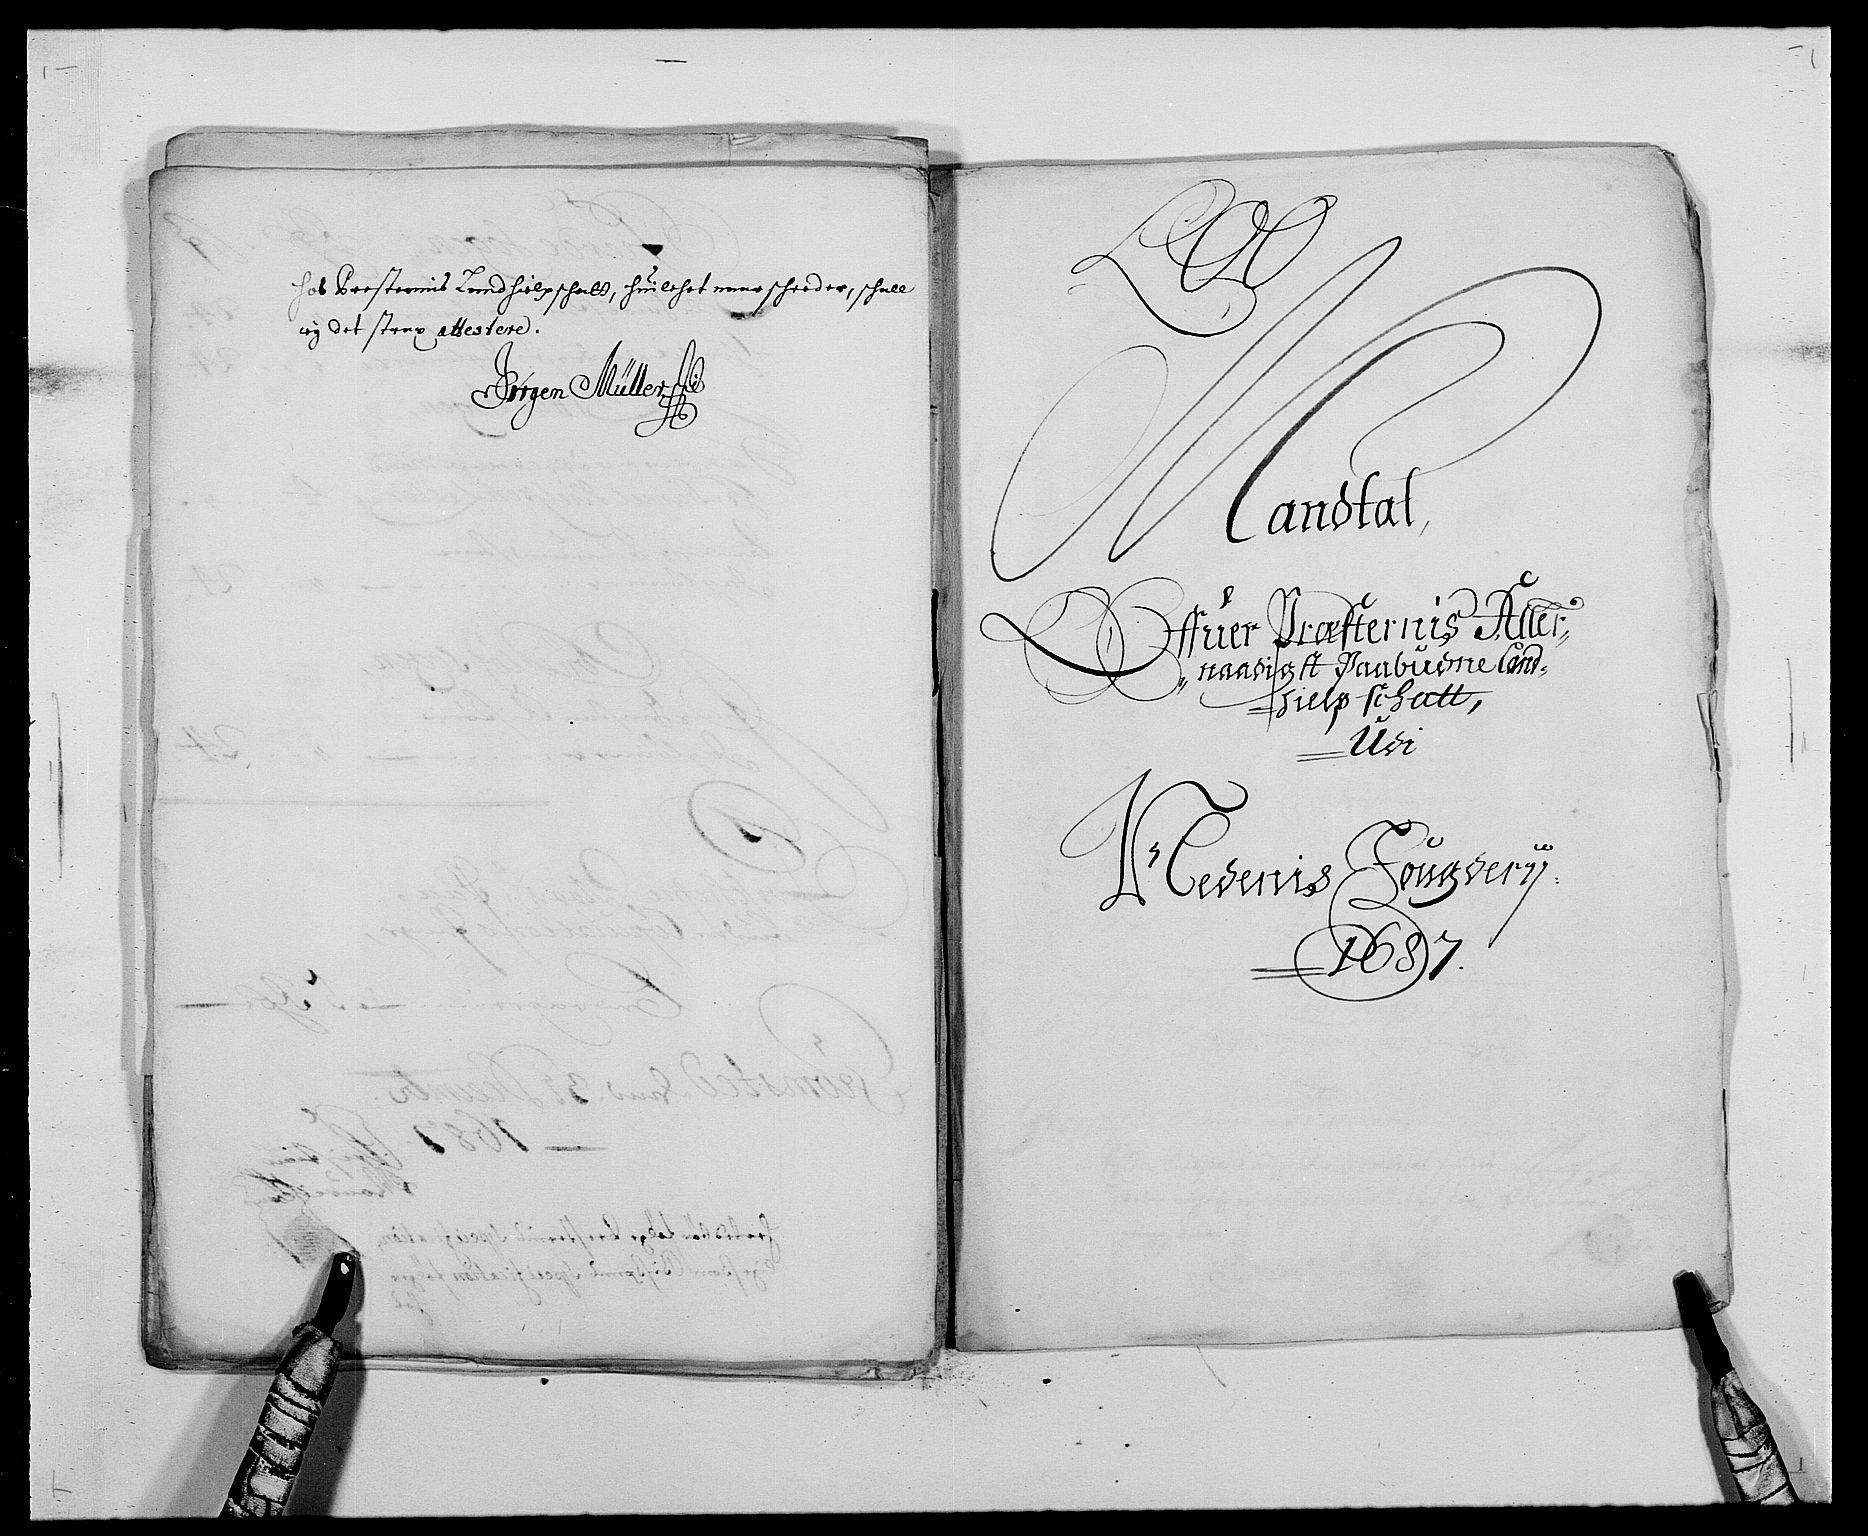 RA, Rentekammeret inntil 1814, Reviderte regnskaper, Fogderegnskap, R39/L2309: Fogderegnskap Nedenes, 1684-1689, s. 132